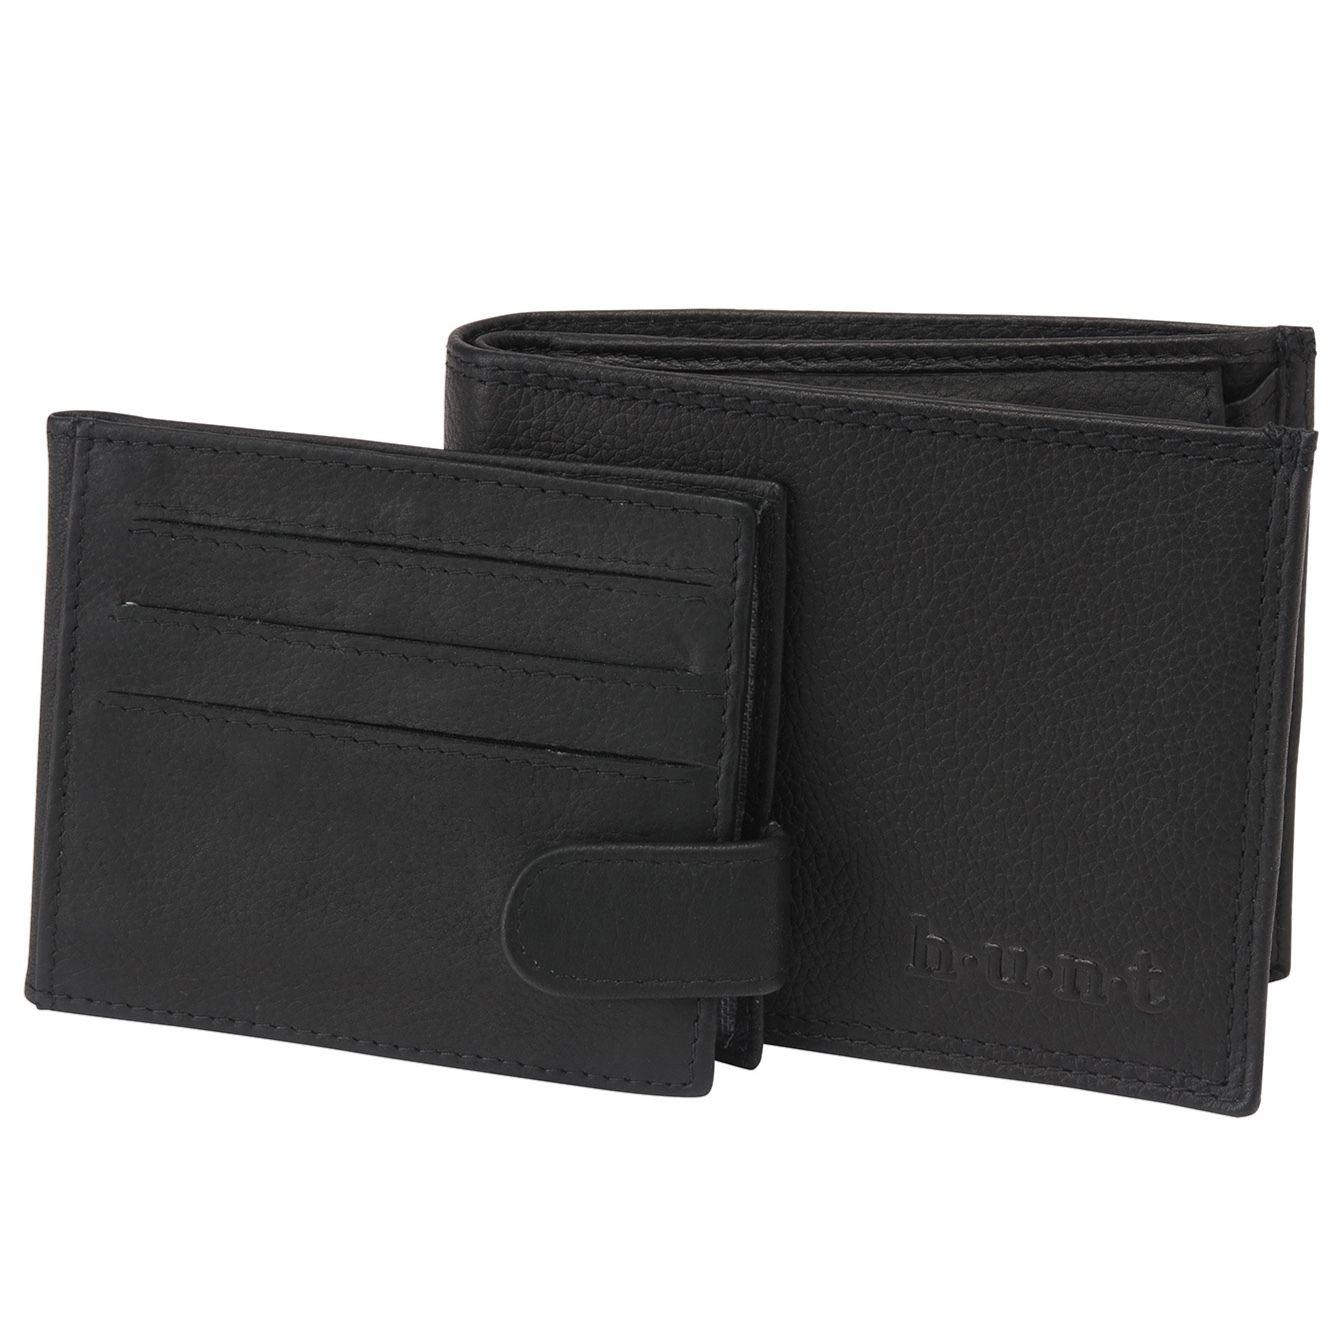 h.u.n.t 撥水レザー二つ折り財布